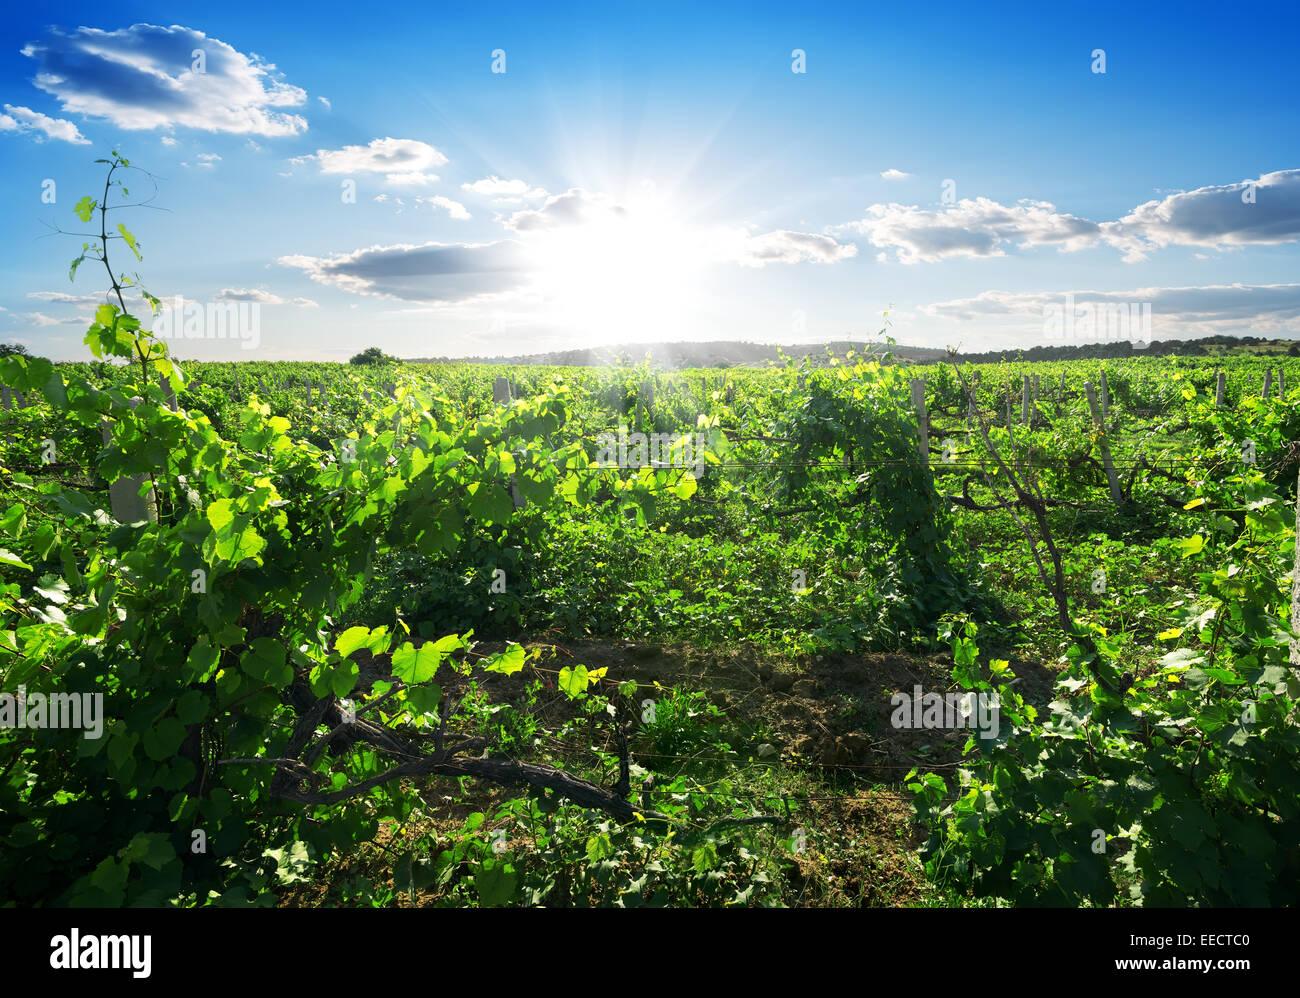 Hermoso día soleado en el viñedo de verano Imagen De Stock